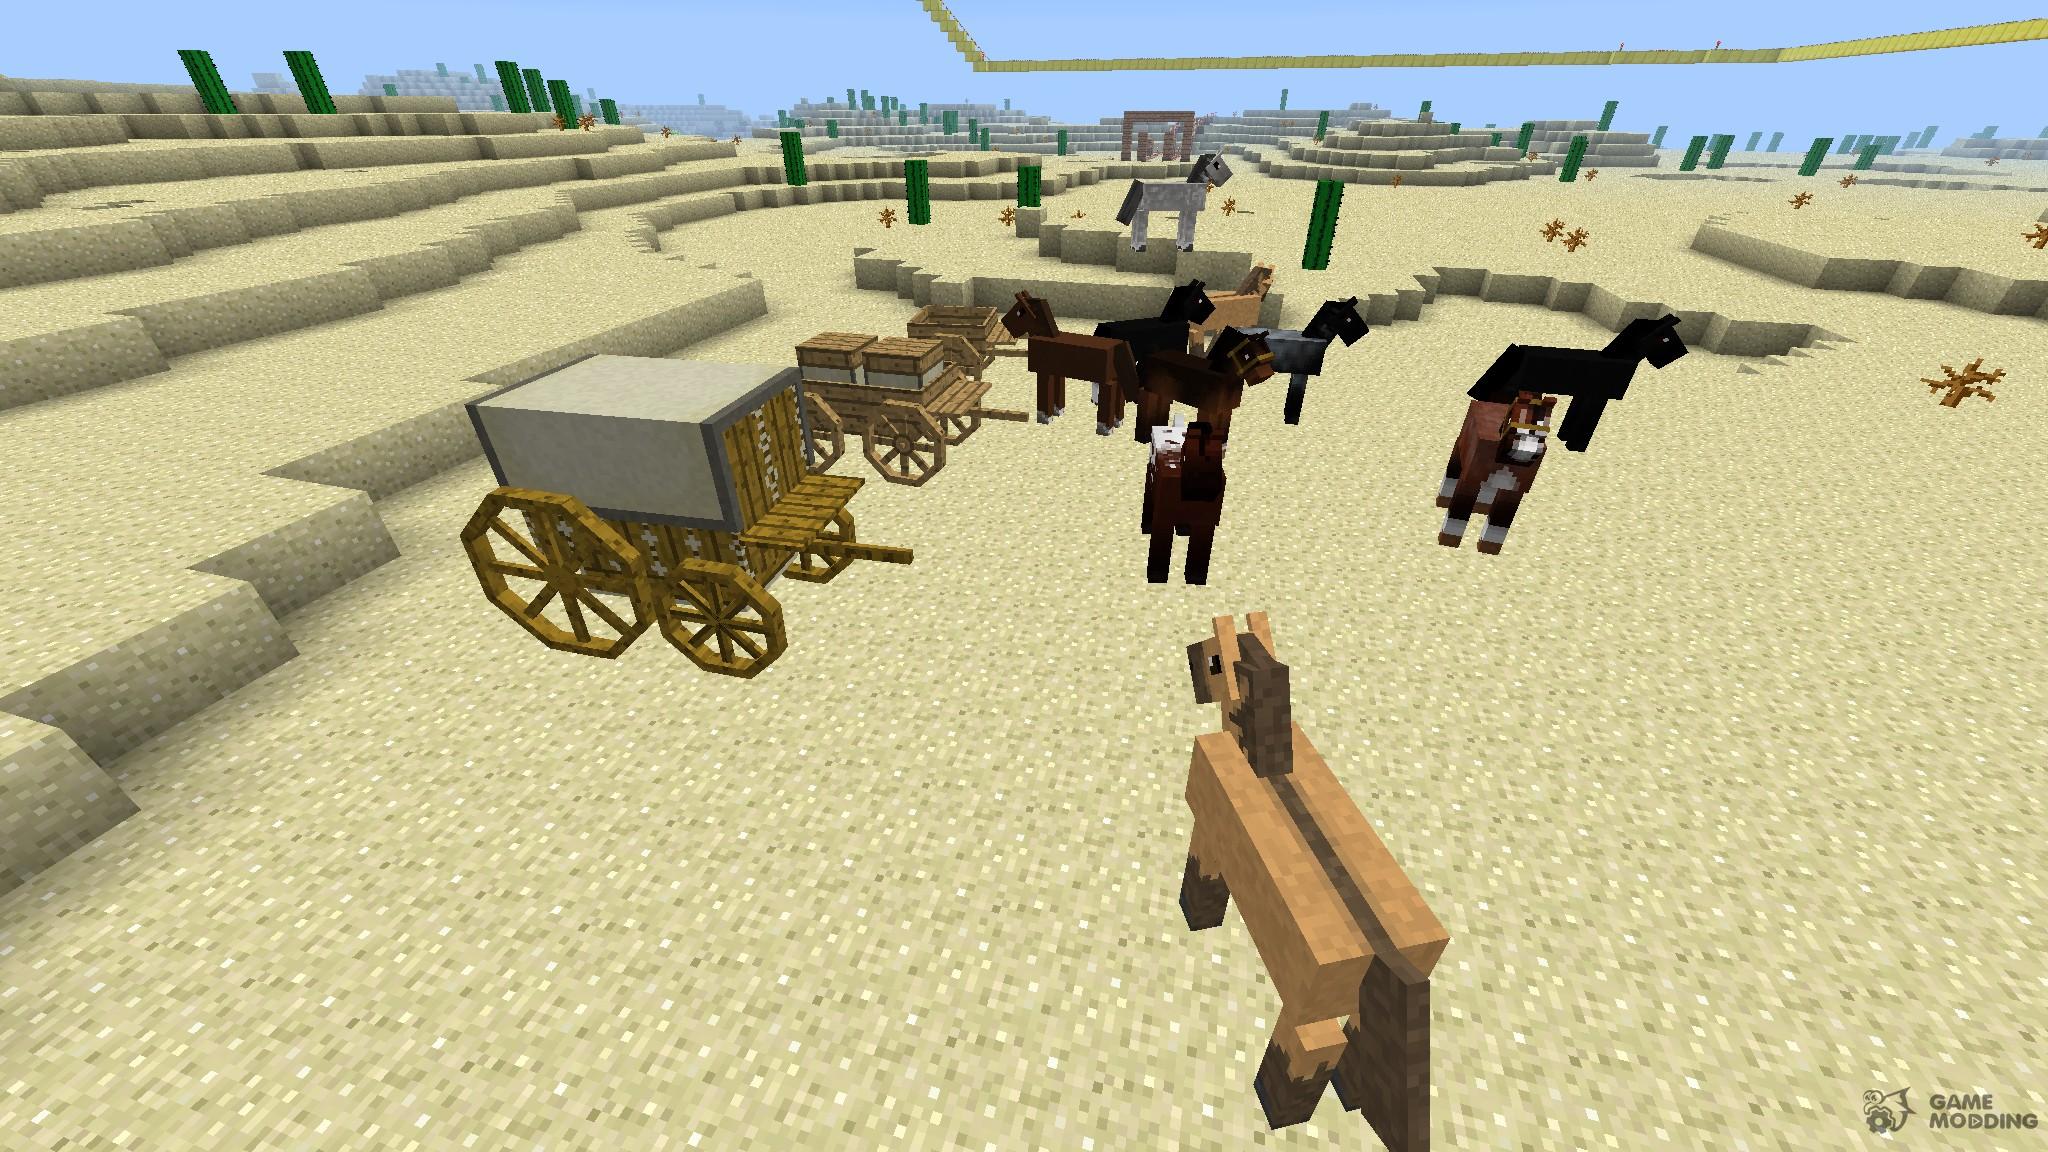 Horse minecraft mod download